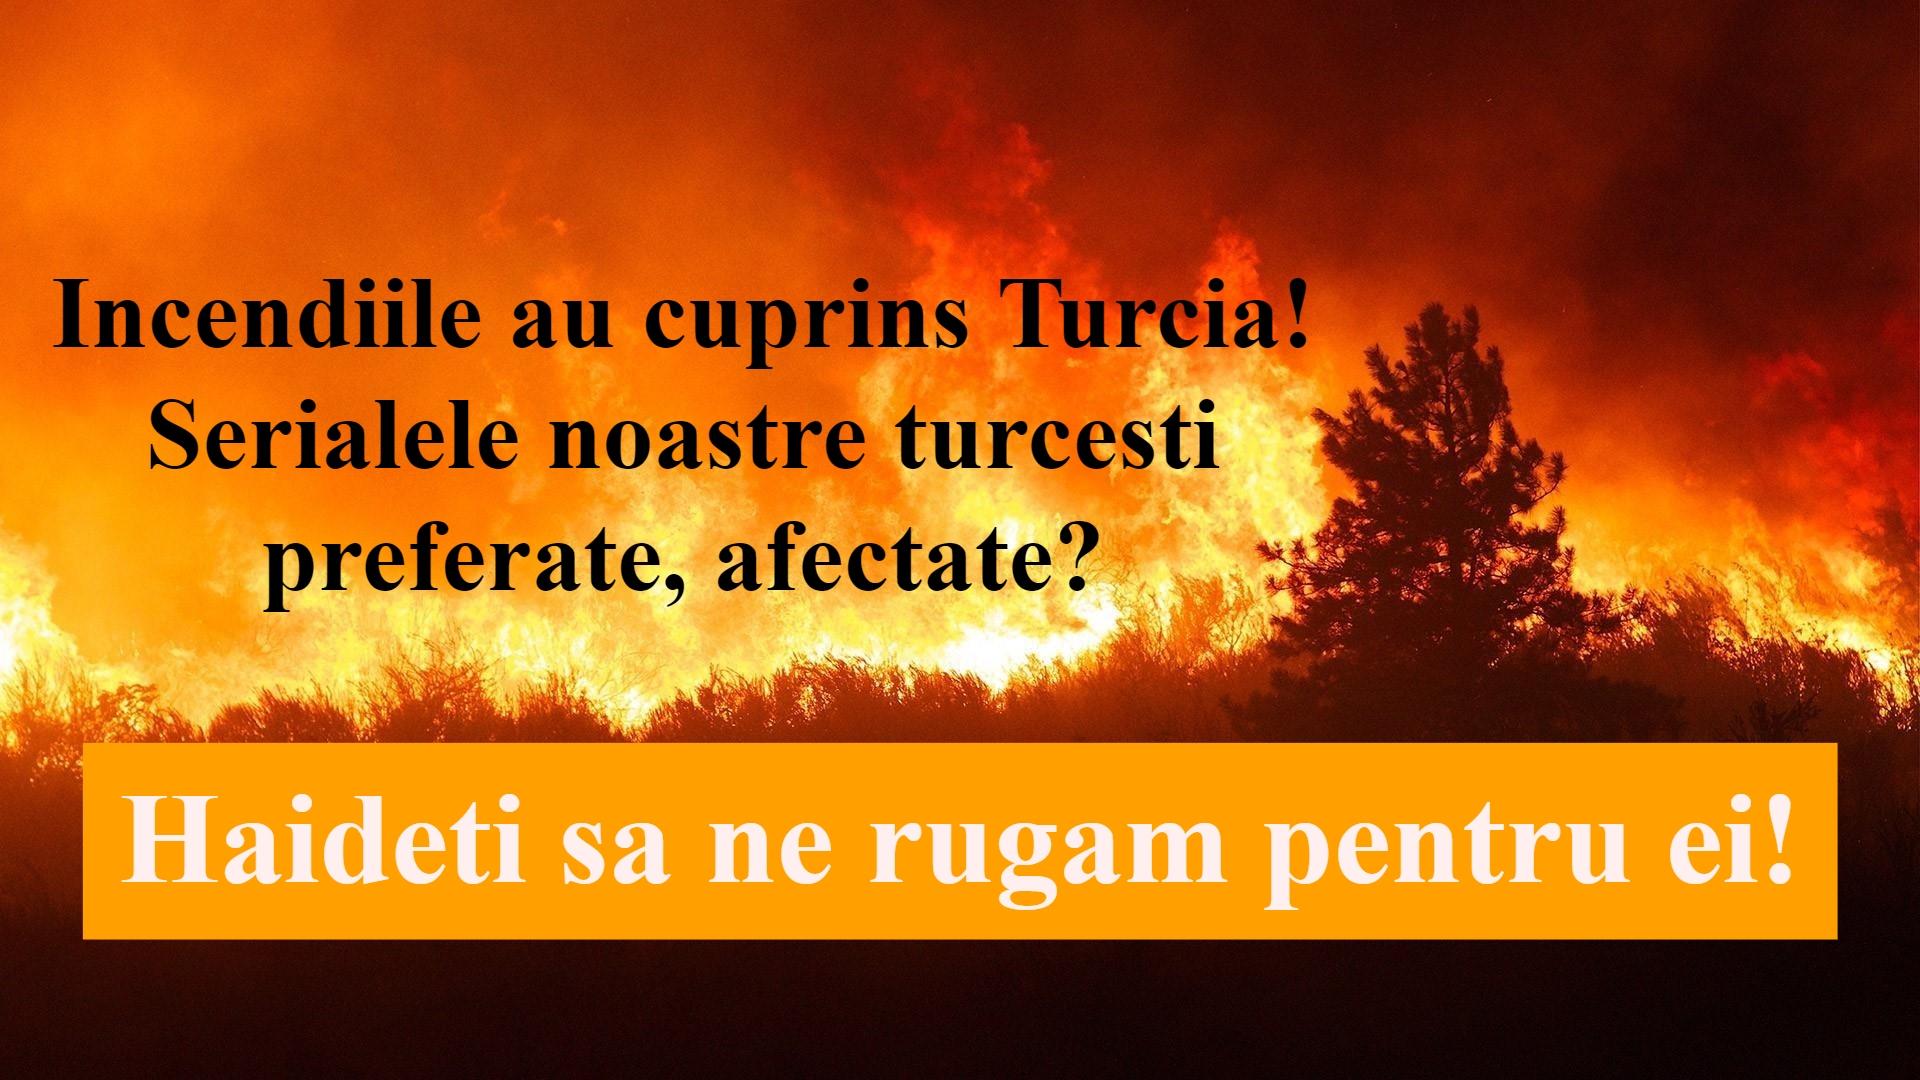 Incendiile au cuprins Turcia